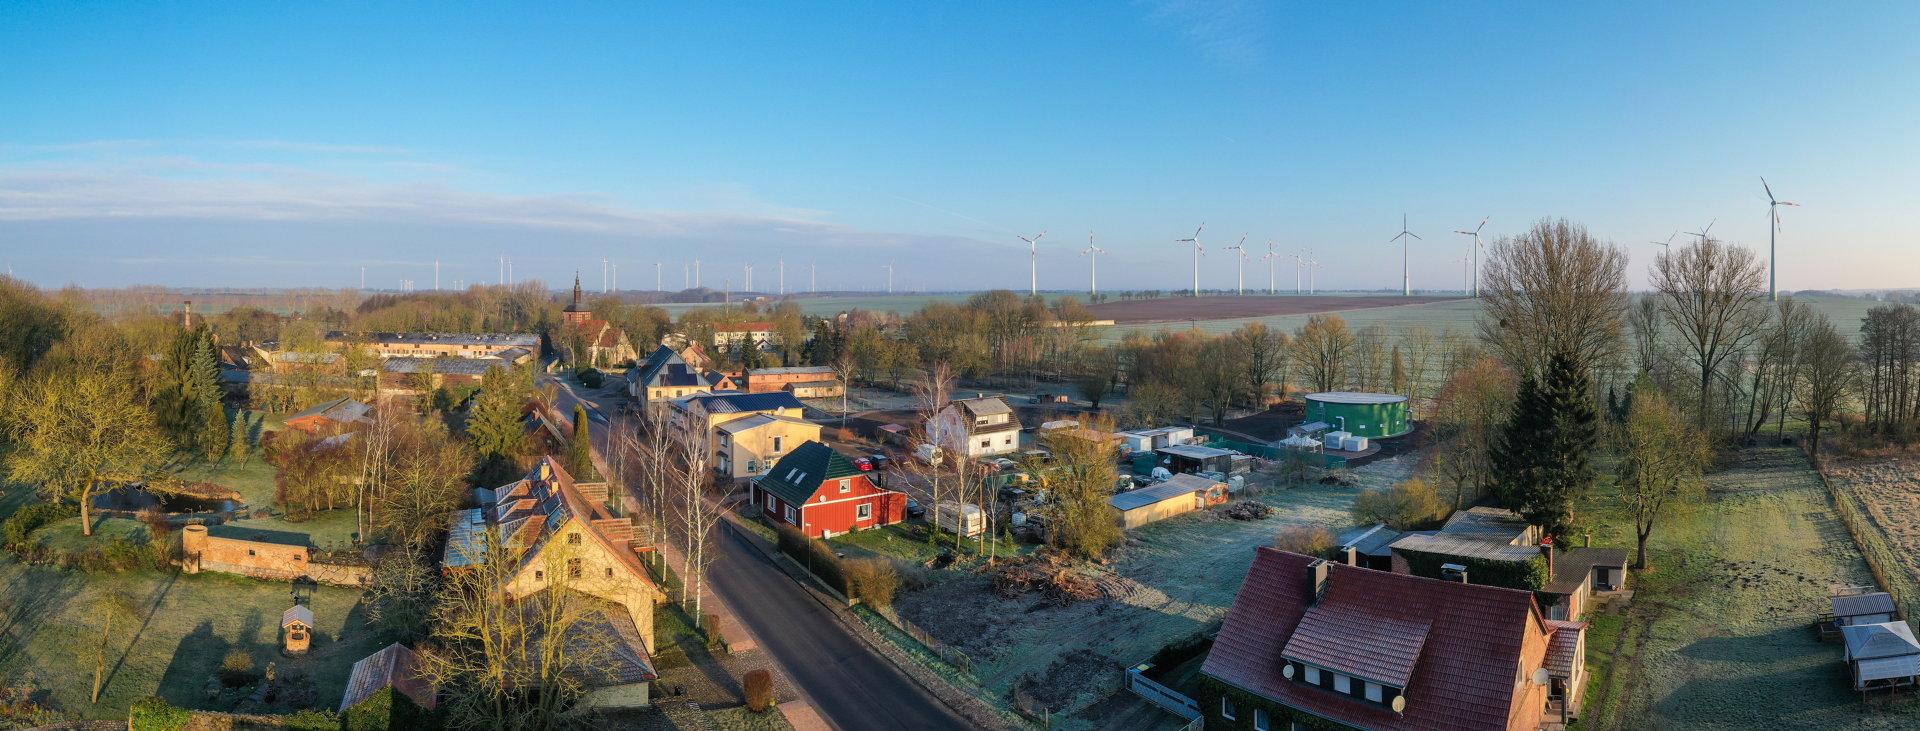 Ein Dorf mit Einfamilienhäusern entlang einer Straße von oben aufgenommen, im Hintergrund stehen Windkraftanlagen auf dem Feld.